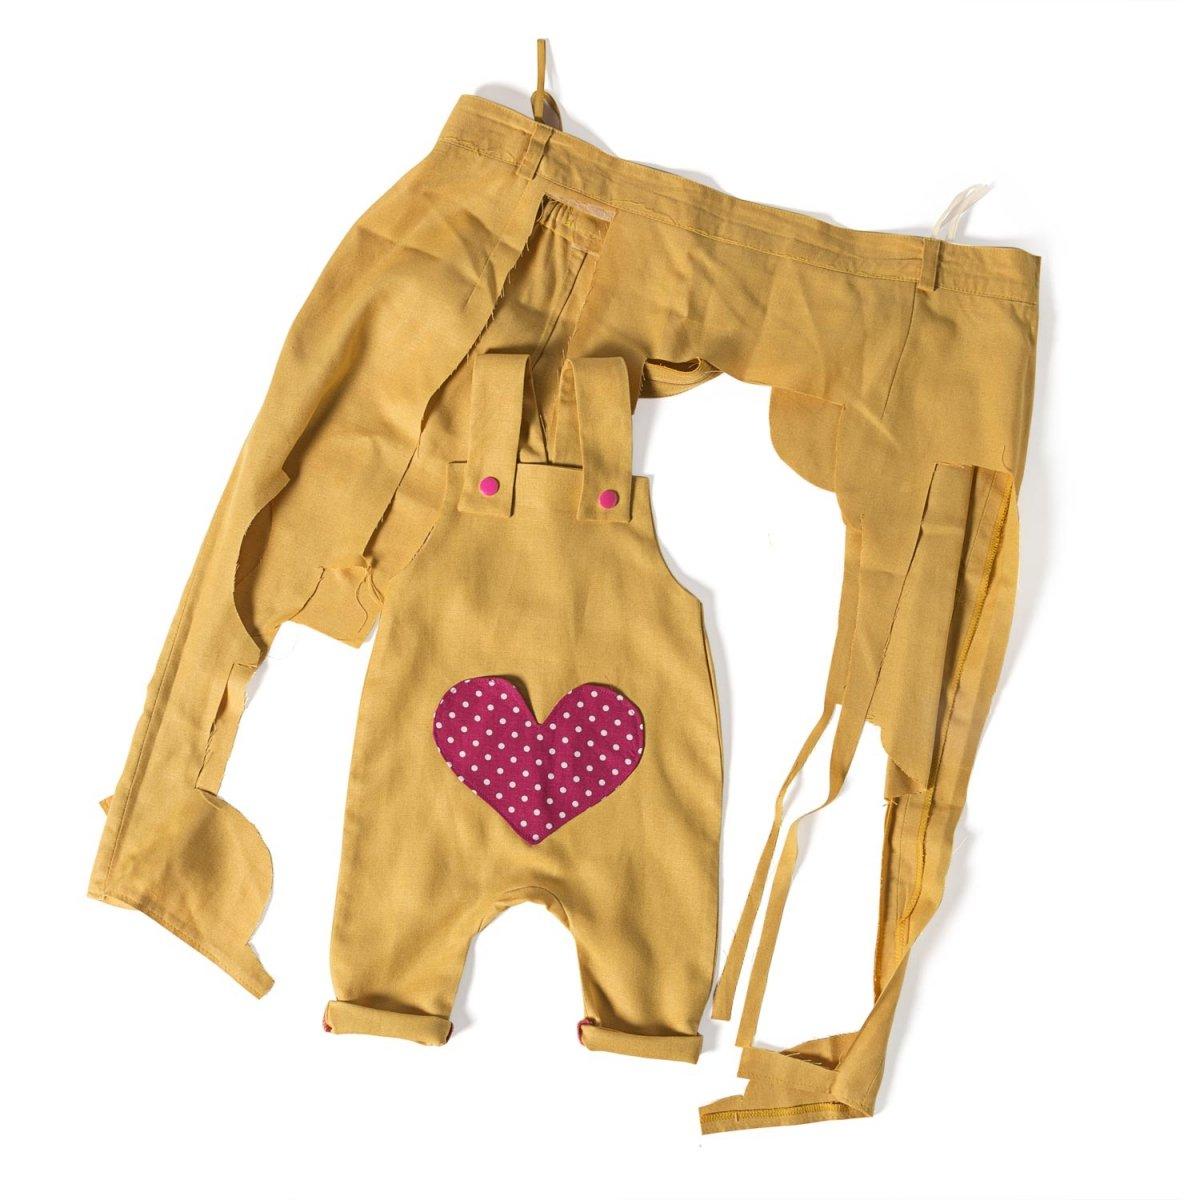 strampler1 - Individuelle und nachhaltige Babykleidung - gewinnt Strampler von Stramplermacher -